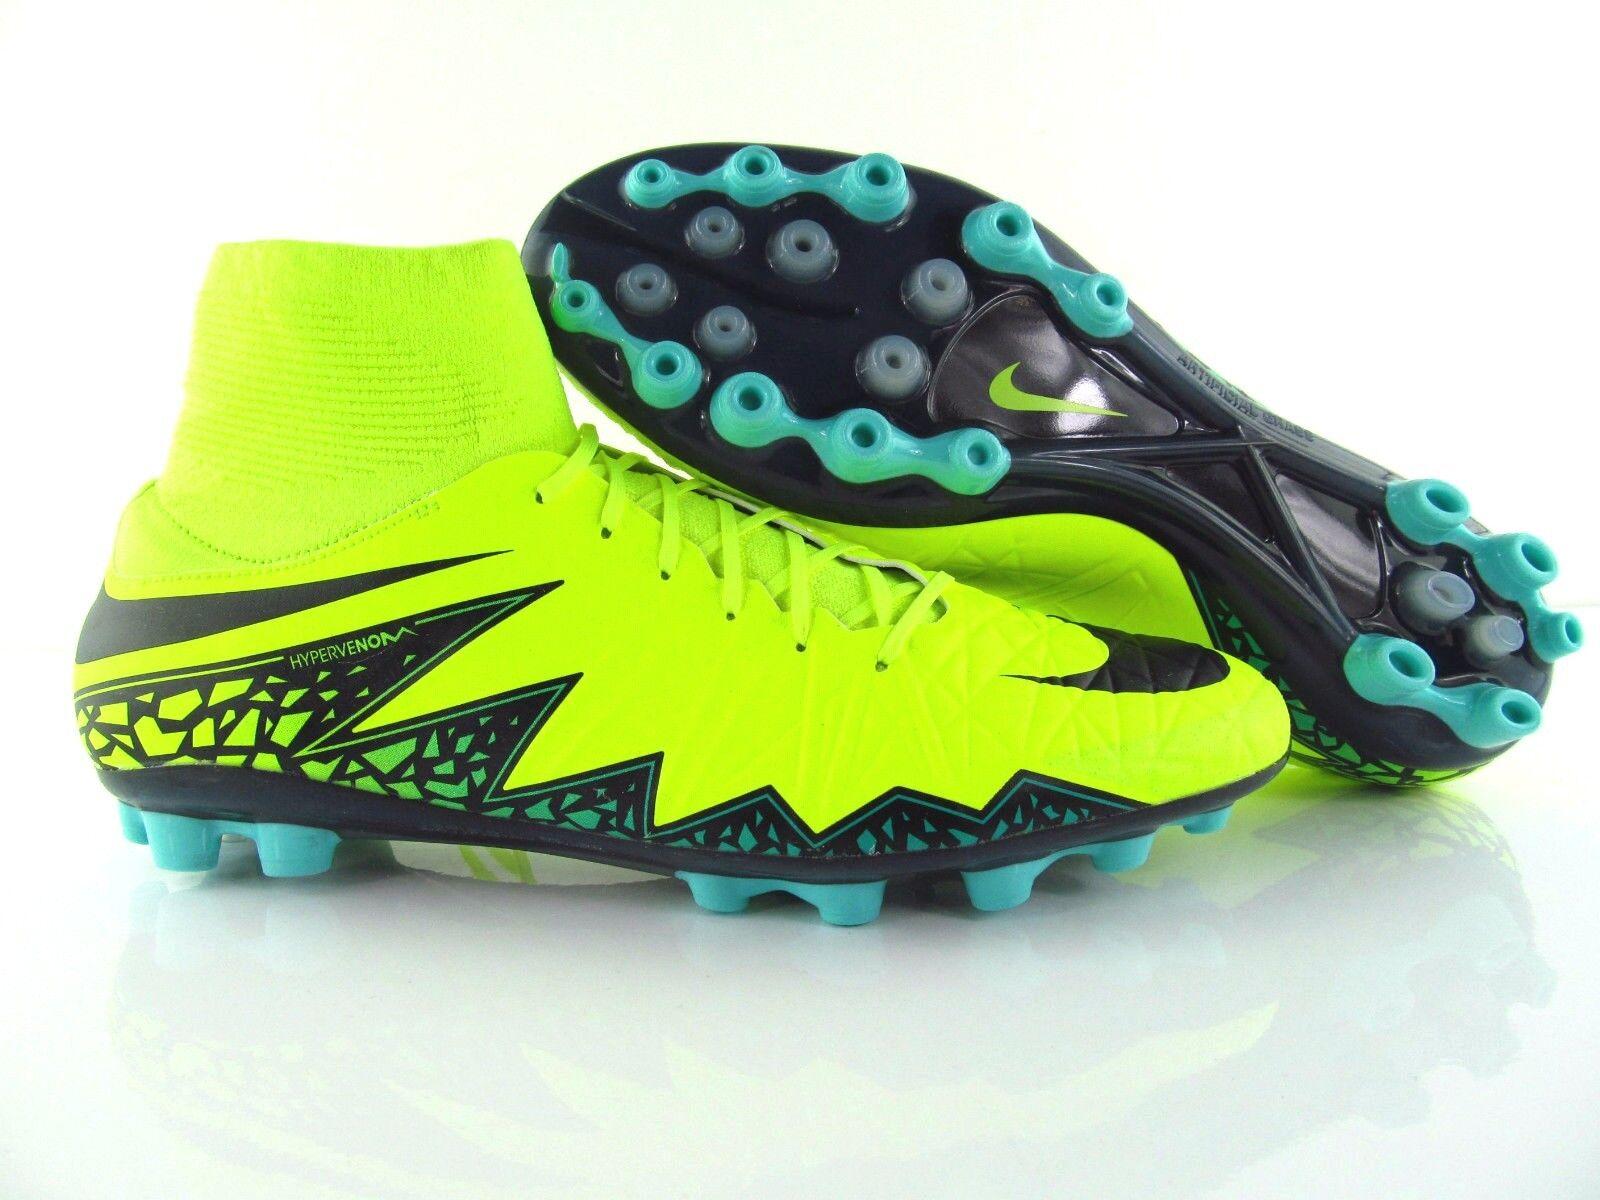 Nike hypervenom ptieneal II df AG-R fútbol soccer Neon  voltios us_12 uk_11 eur_46  tienda de venta en línea